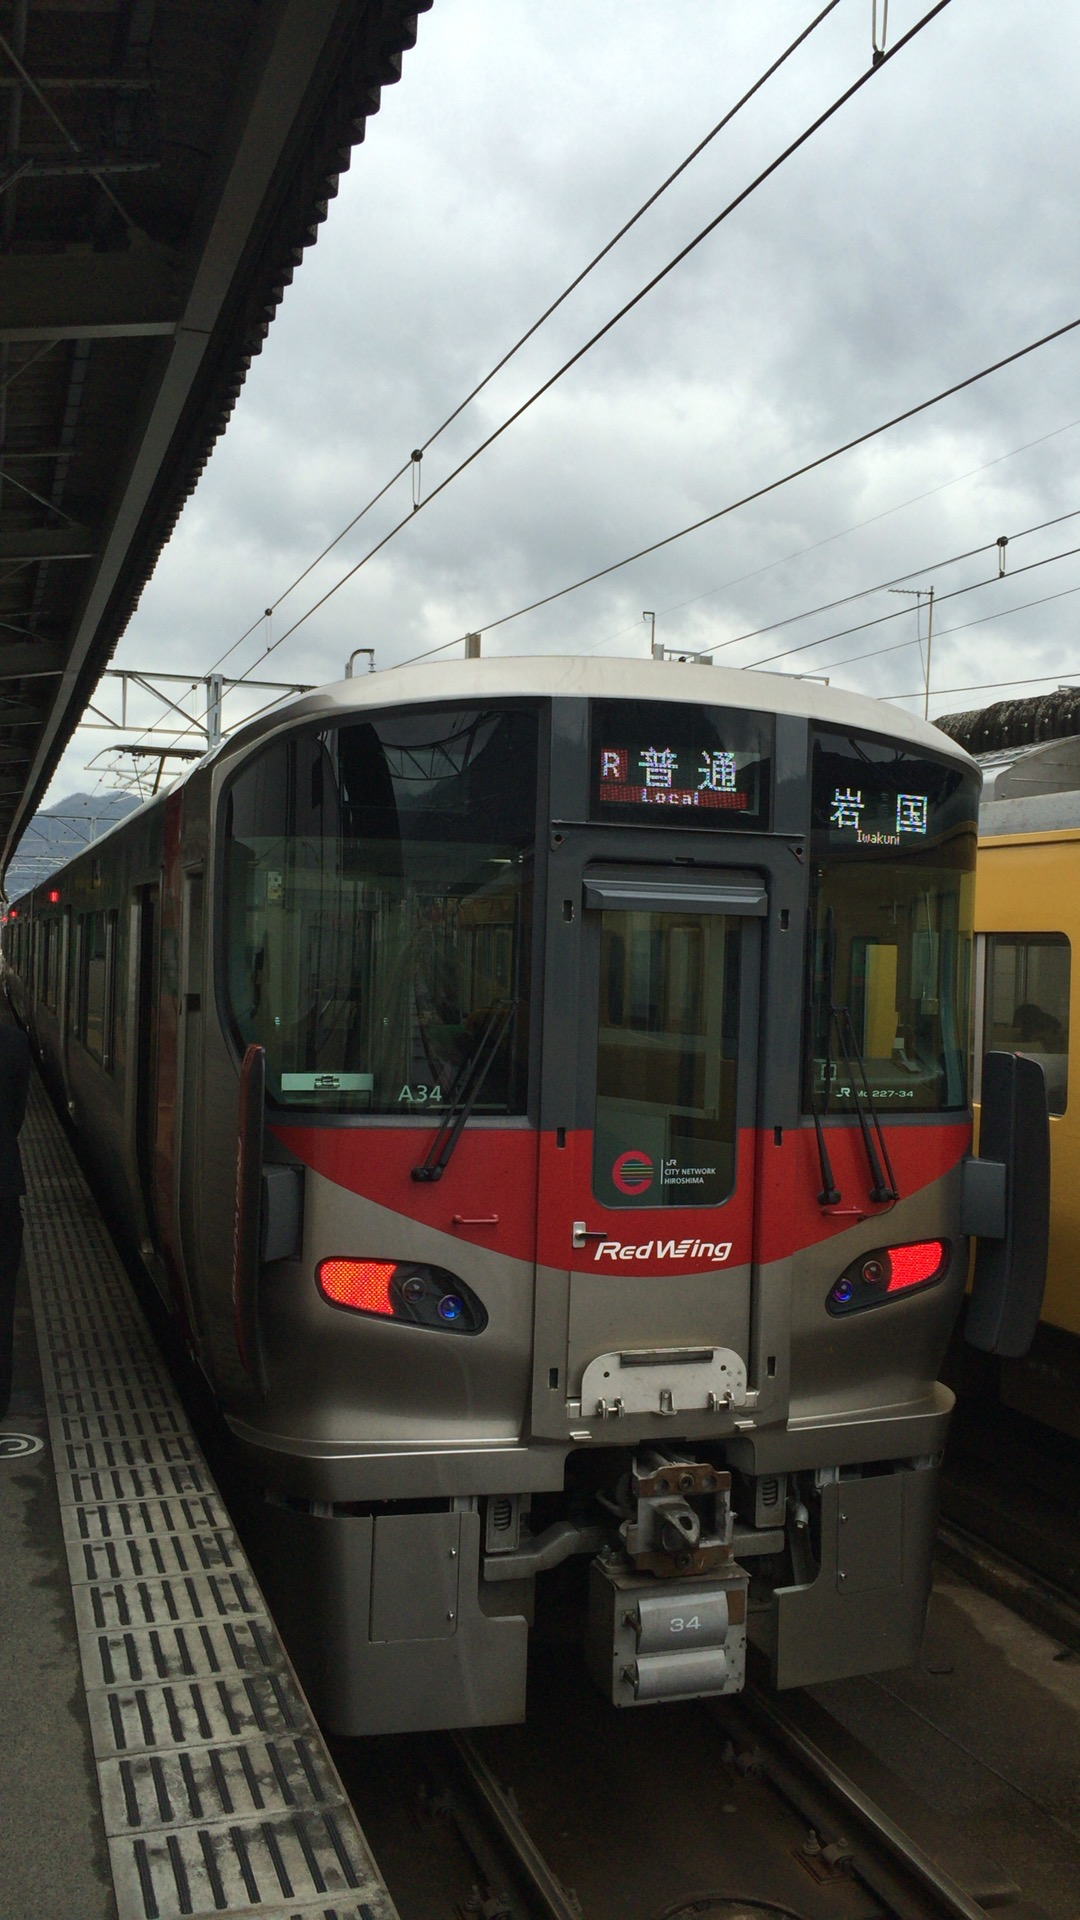 IMG 0439 - 2019 JR西日本 ダイヤ改正 広島・岡山エリア